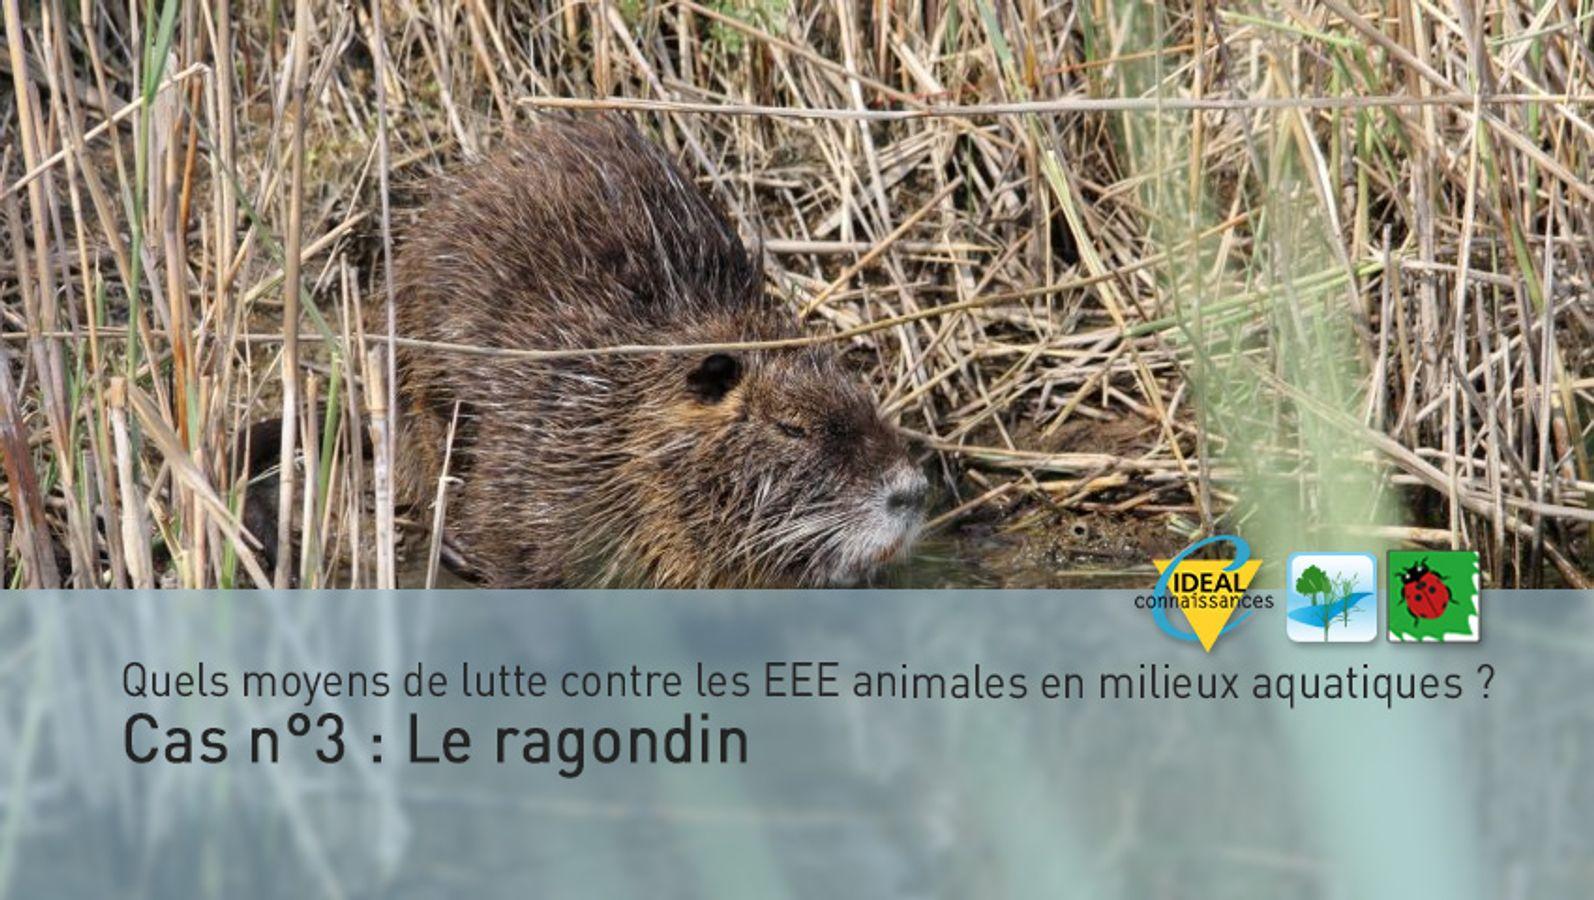 Quels moyens de lutte contre les EEE animales en milieux aquatiques ? Cas n°3 : Le ragondin